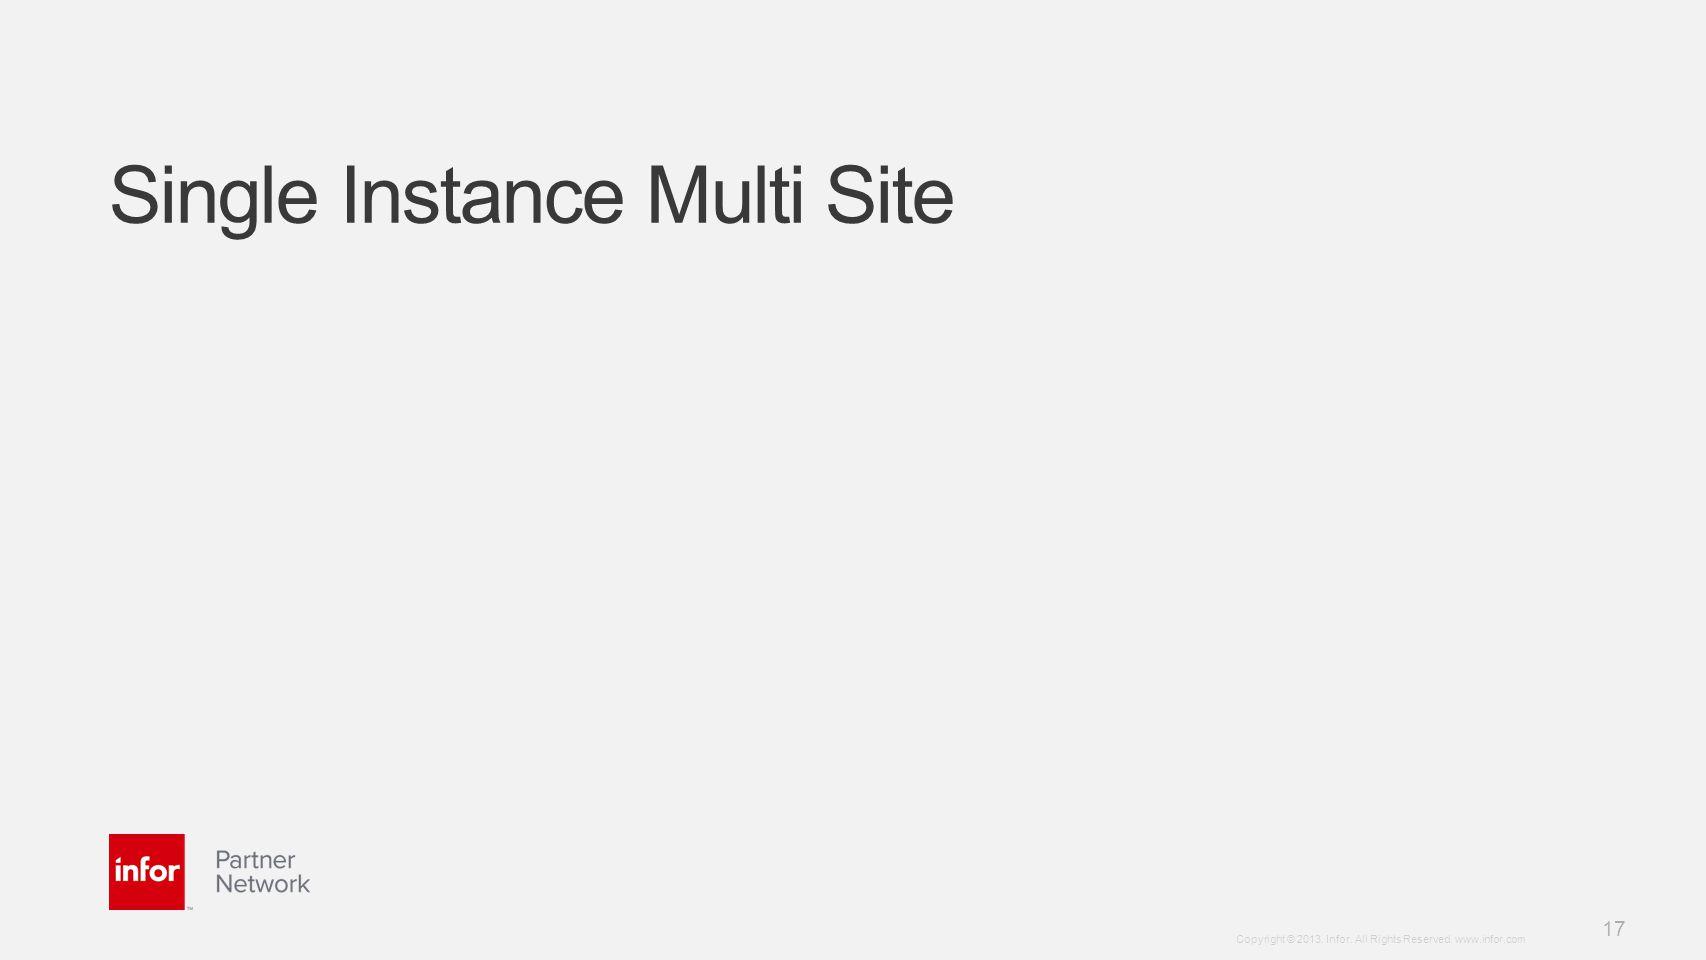 Single Instance Multi Site